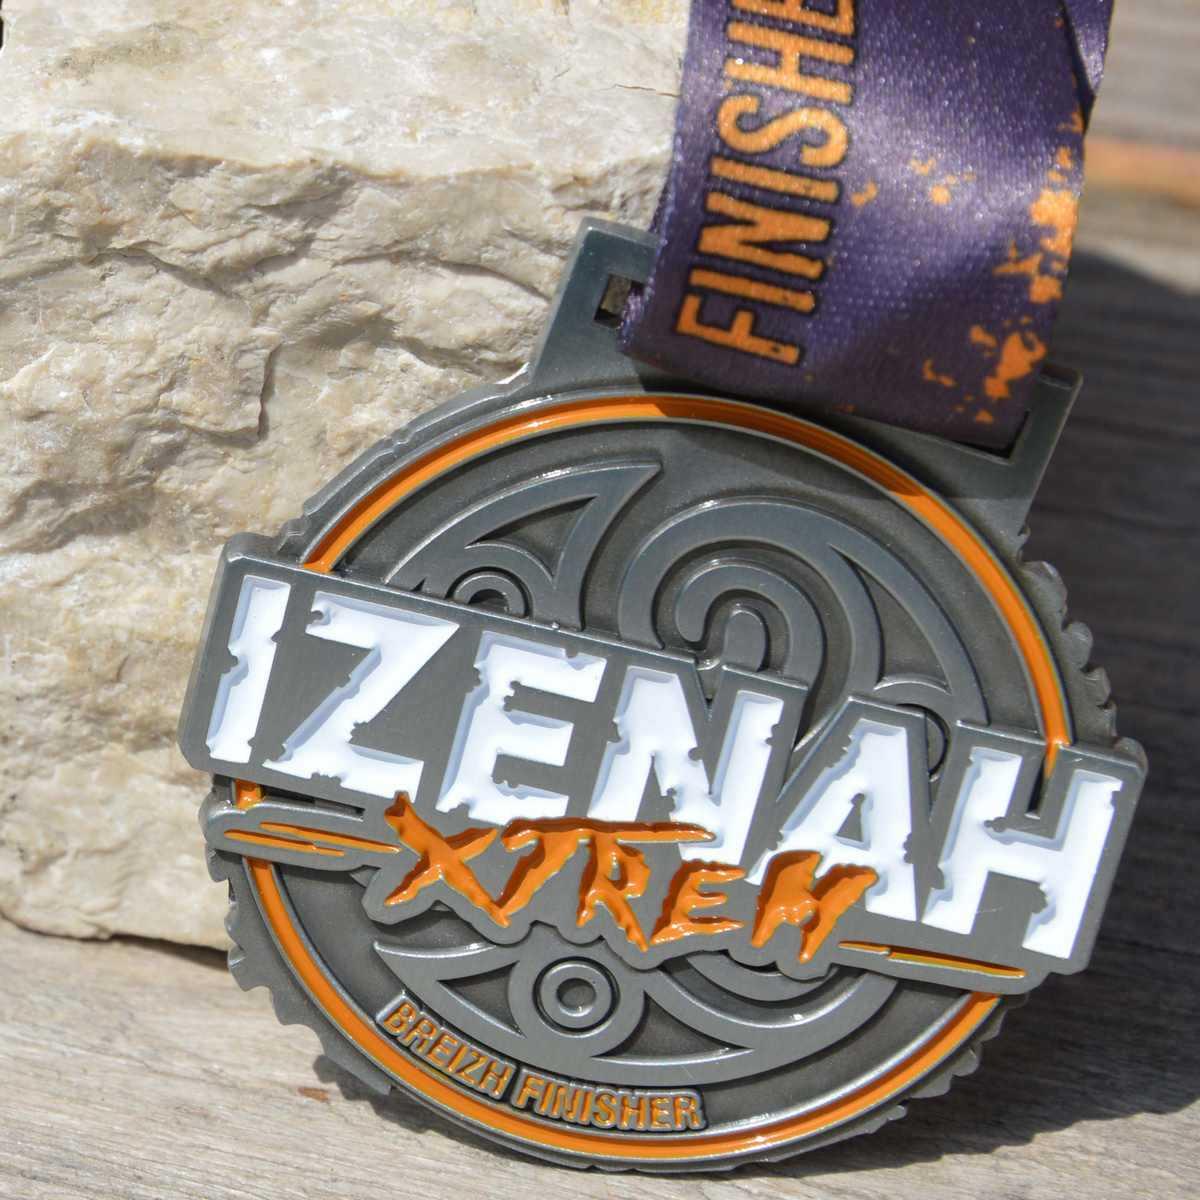 Médaille finisher du IZENAH Xtrem